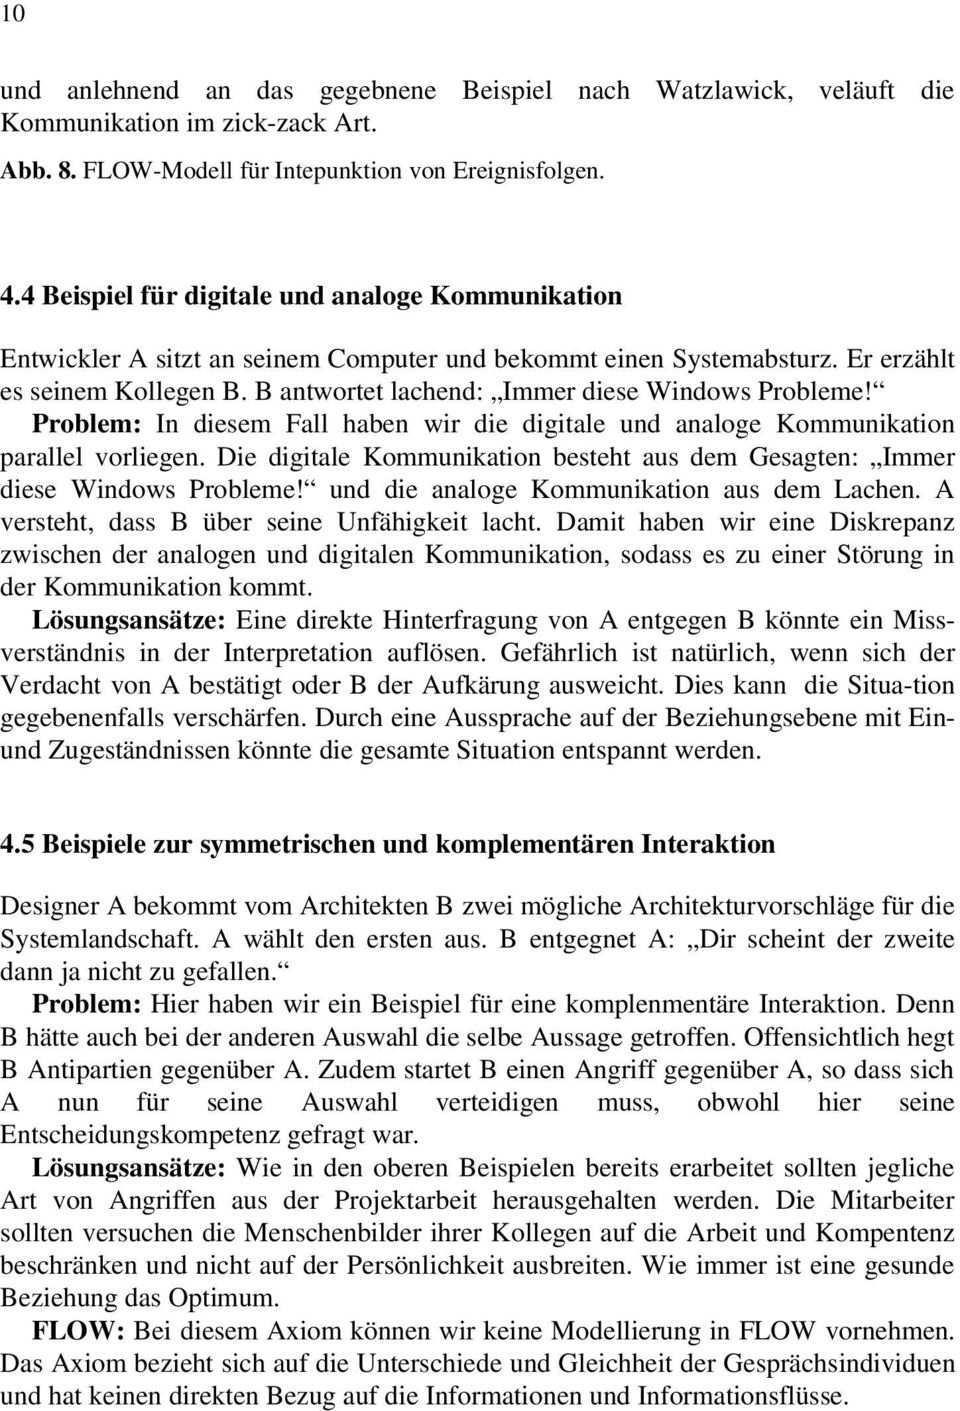 Kommunikationstheorie Nach Watzlawick Und Ihre Anwendung In Softwareprojekten Pdf Free Download